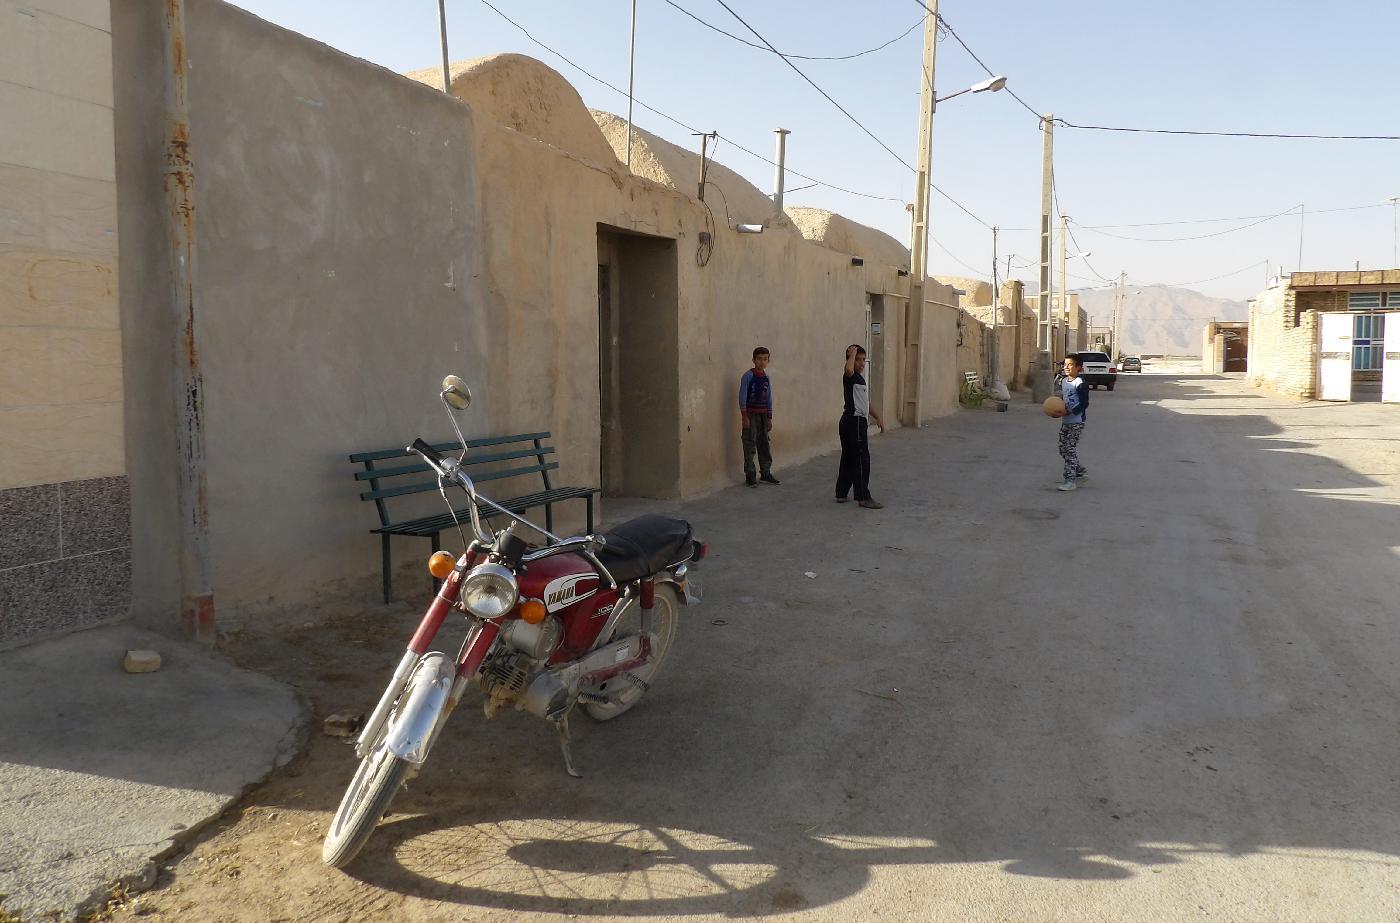 visite d'abarkuh en iran